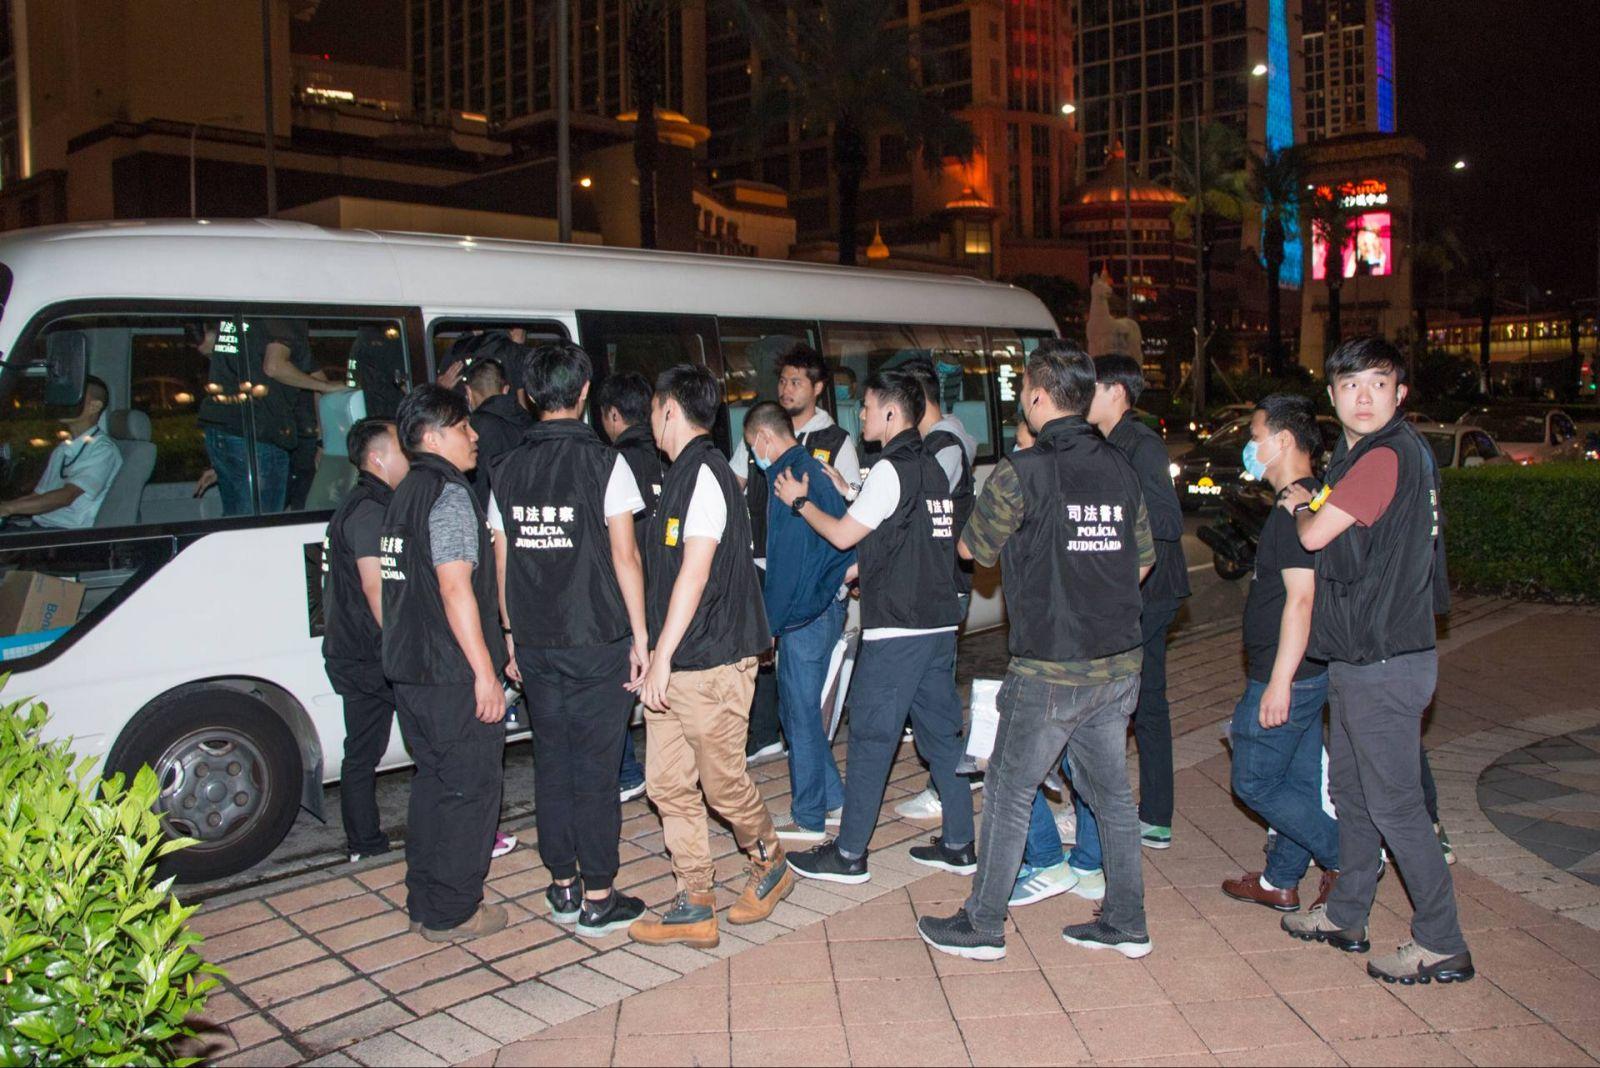 凌晨大搜路氹娛樂場共拘39人